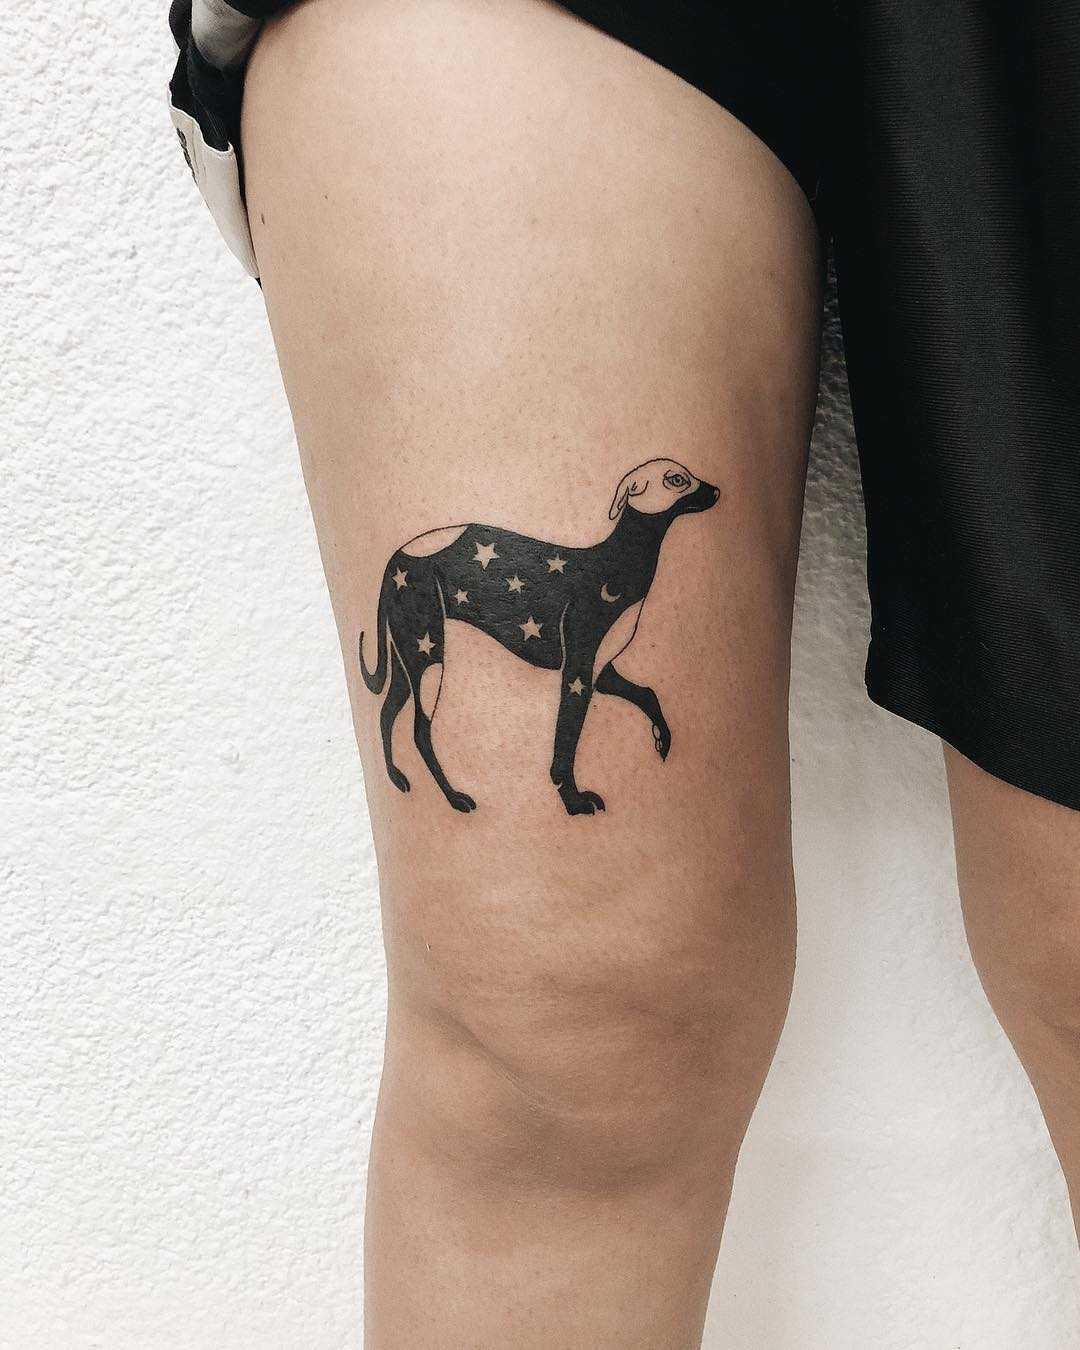 Starry dog tattoo